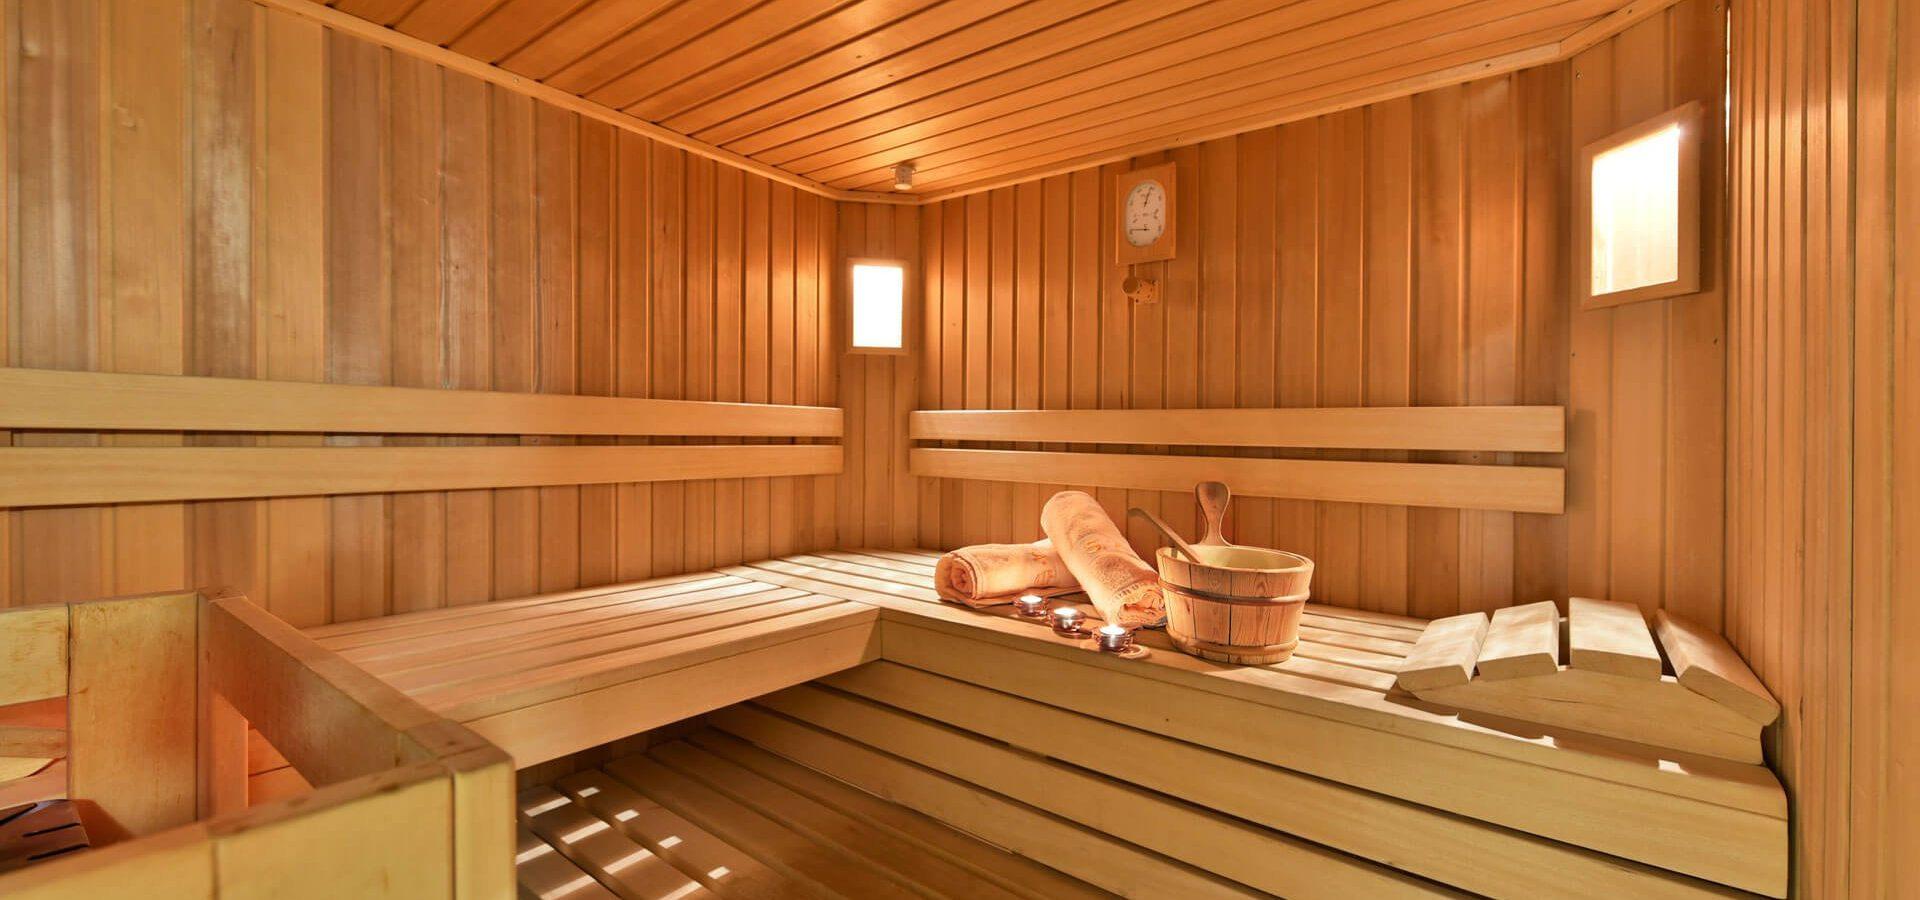 wellness-sauna-urlaub-in-meransen